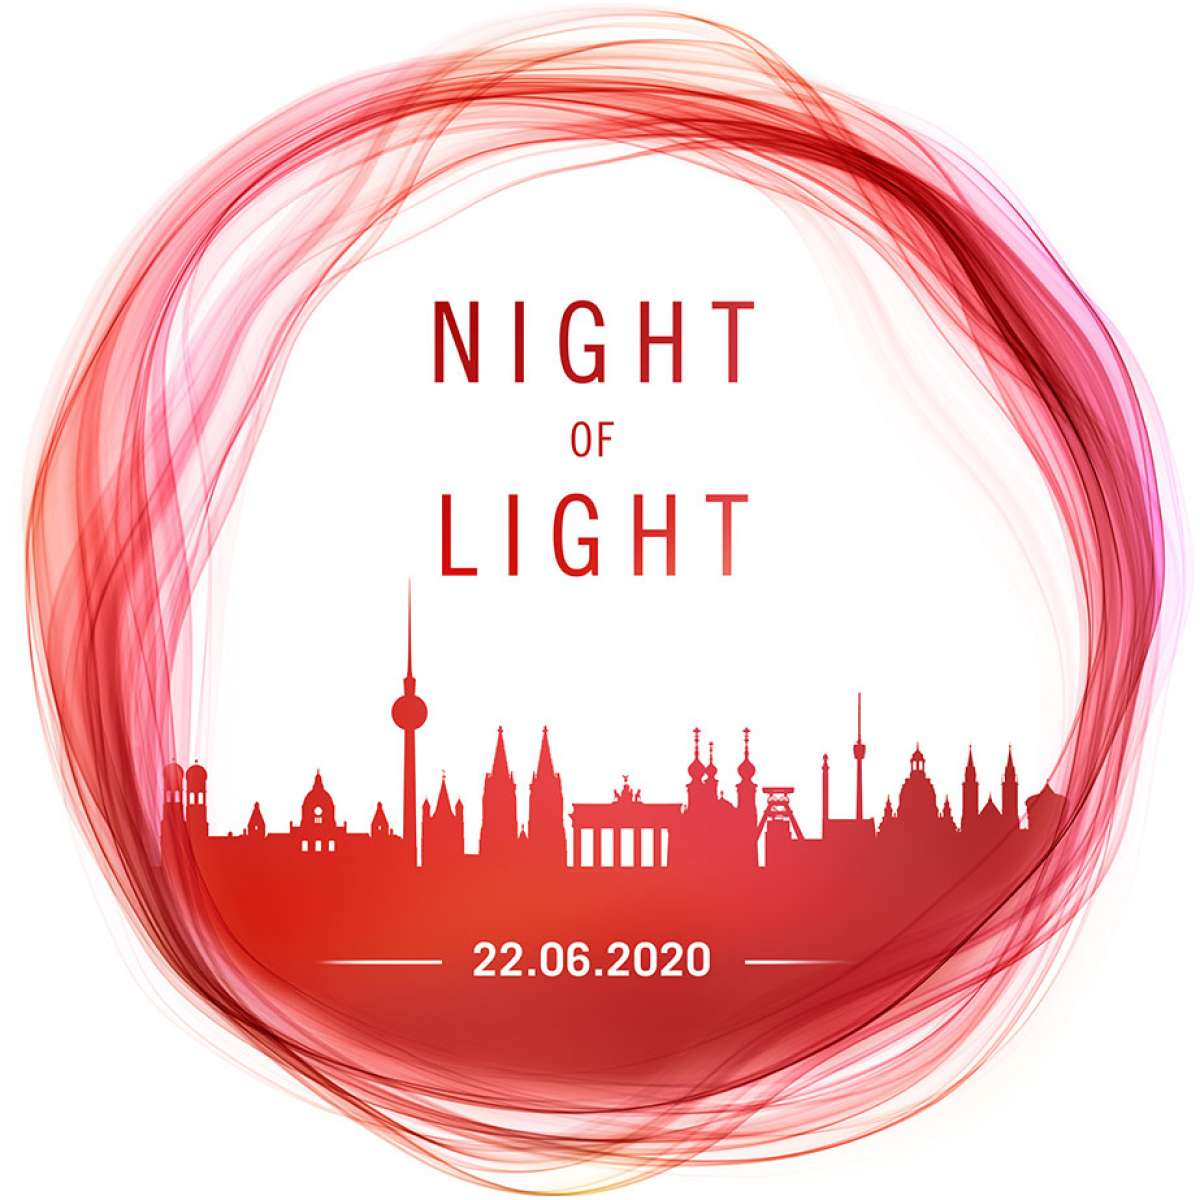 Night of light Paderborn